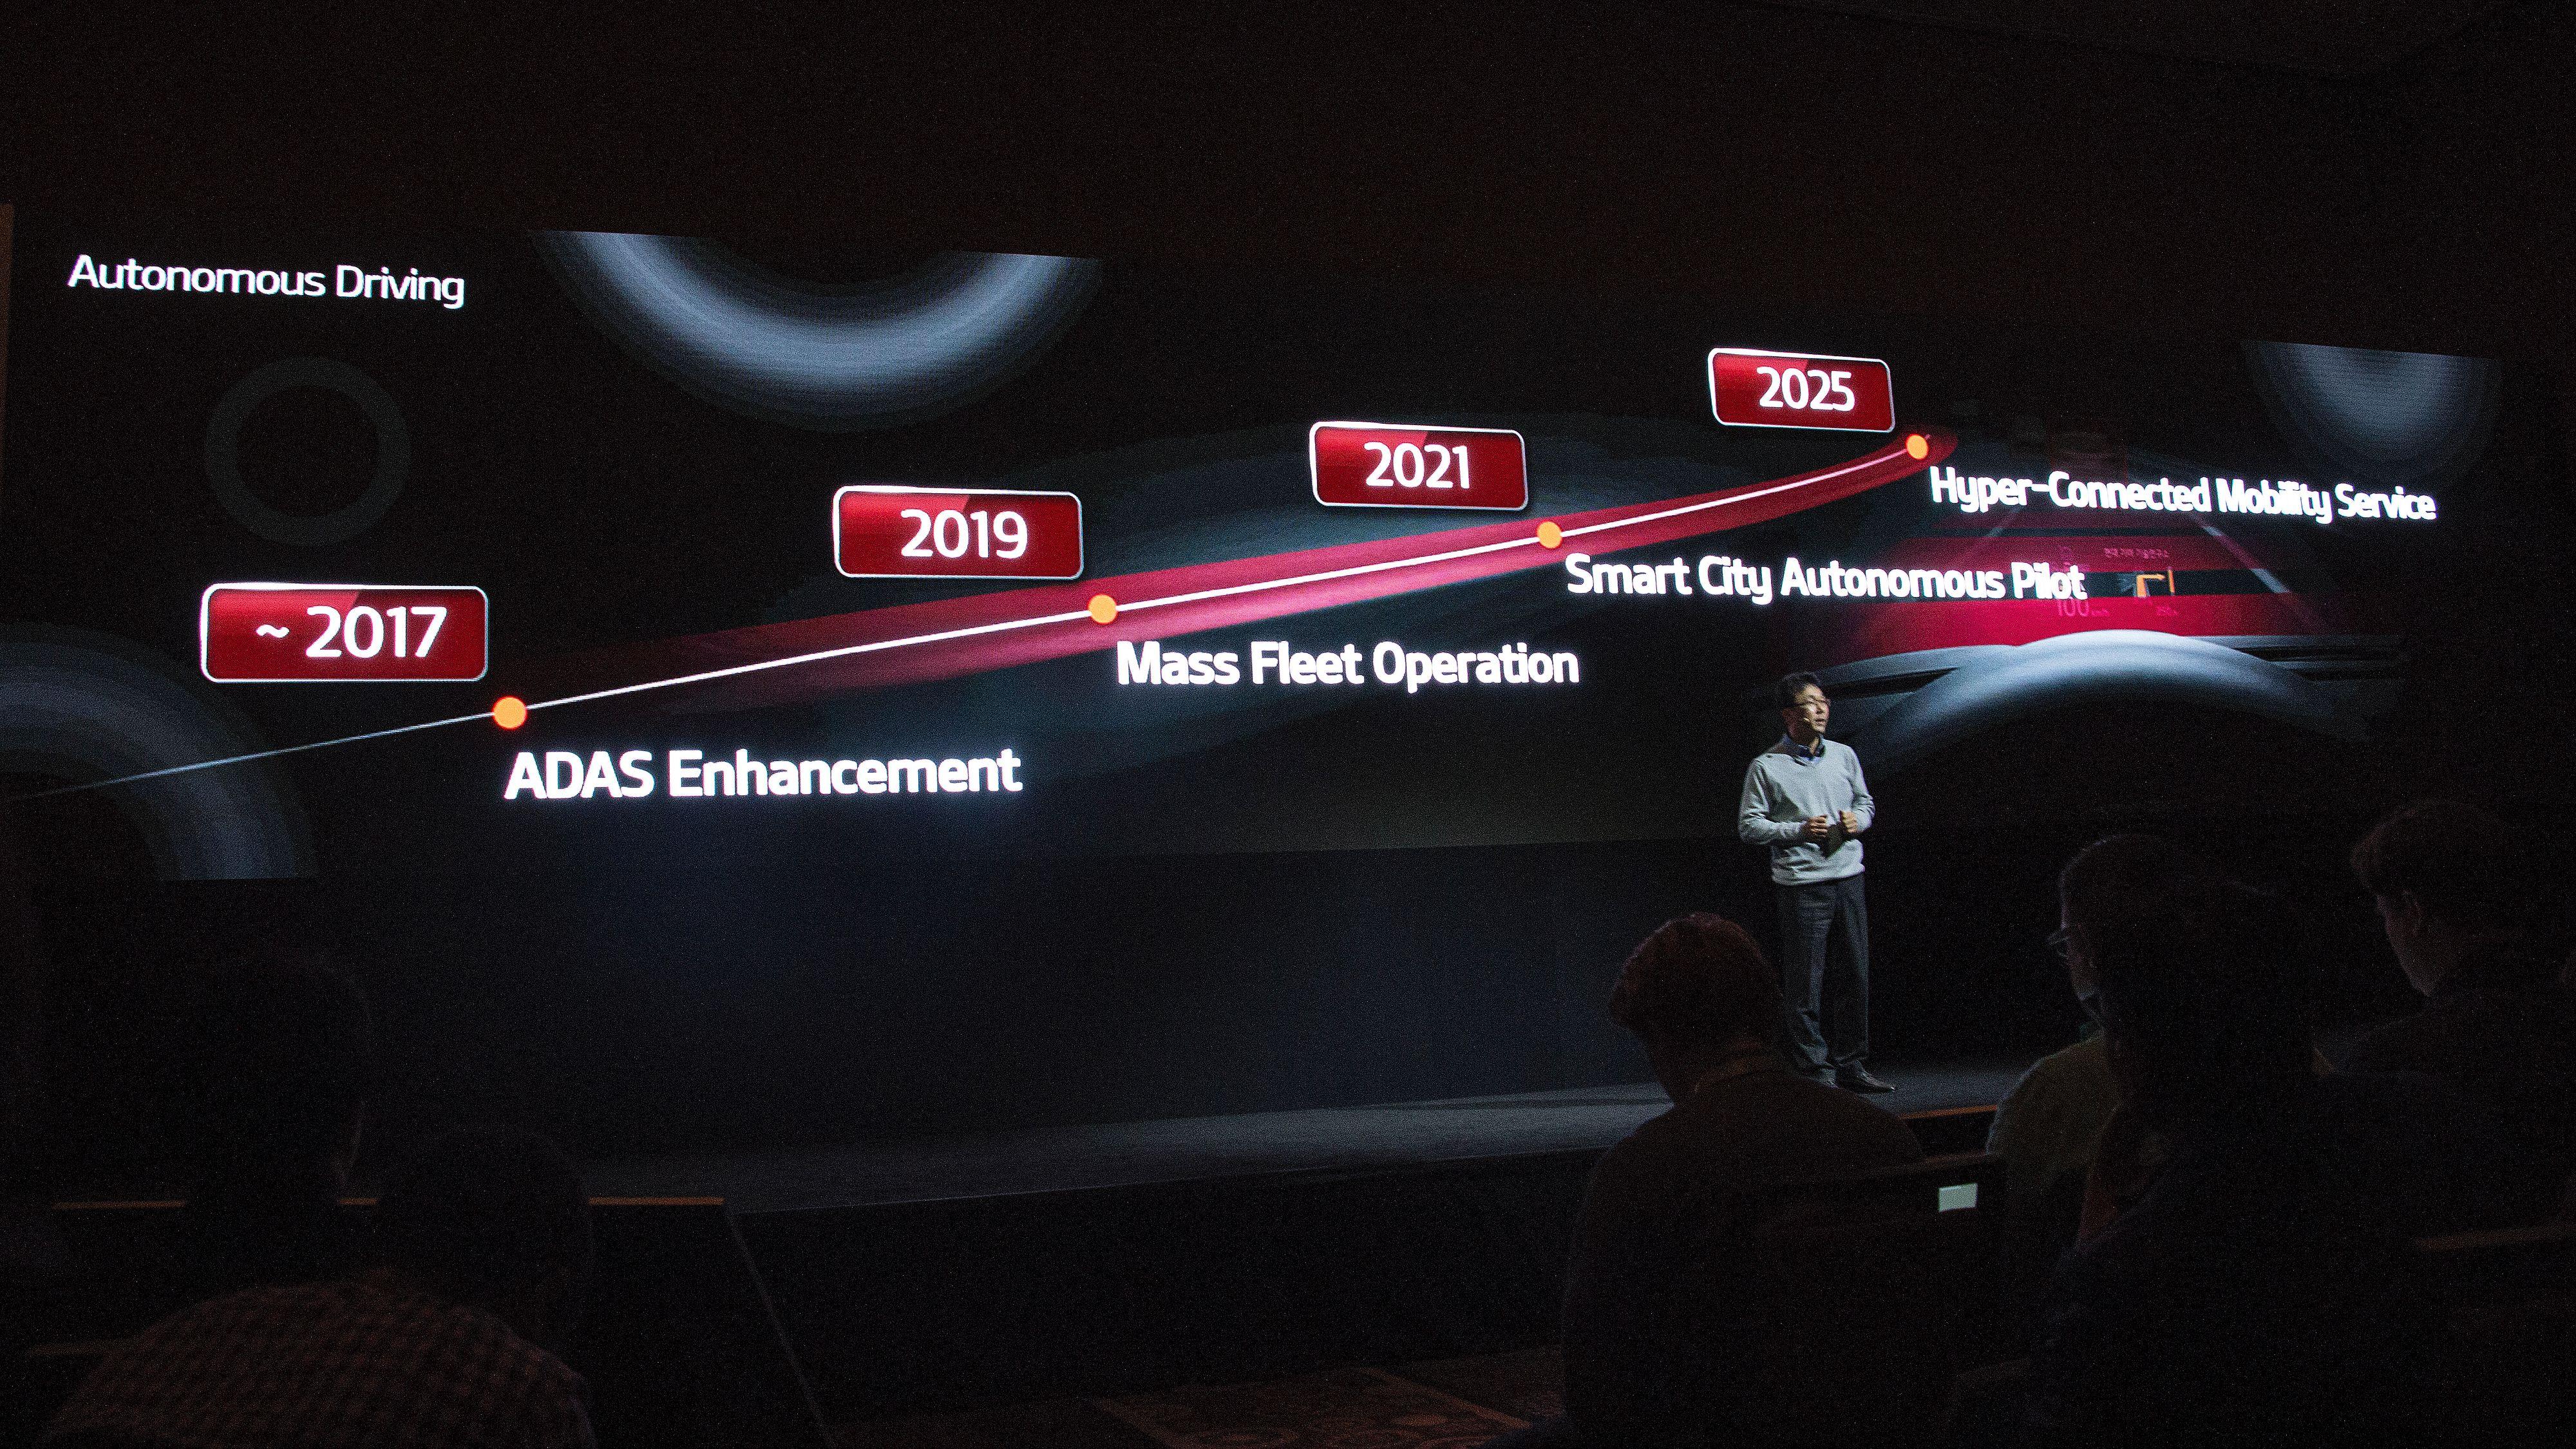 Kia skal rulle ut et læringsprogram for selvkjørende biler i 2019. Erfaringene herfra skal brukes i en pilotbil i 2021, og i 2025 skal de være klare med et system hvor bilene skal kunne kjøre kommunisere med andre biler, bygninger og byene selv.